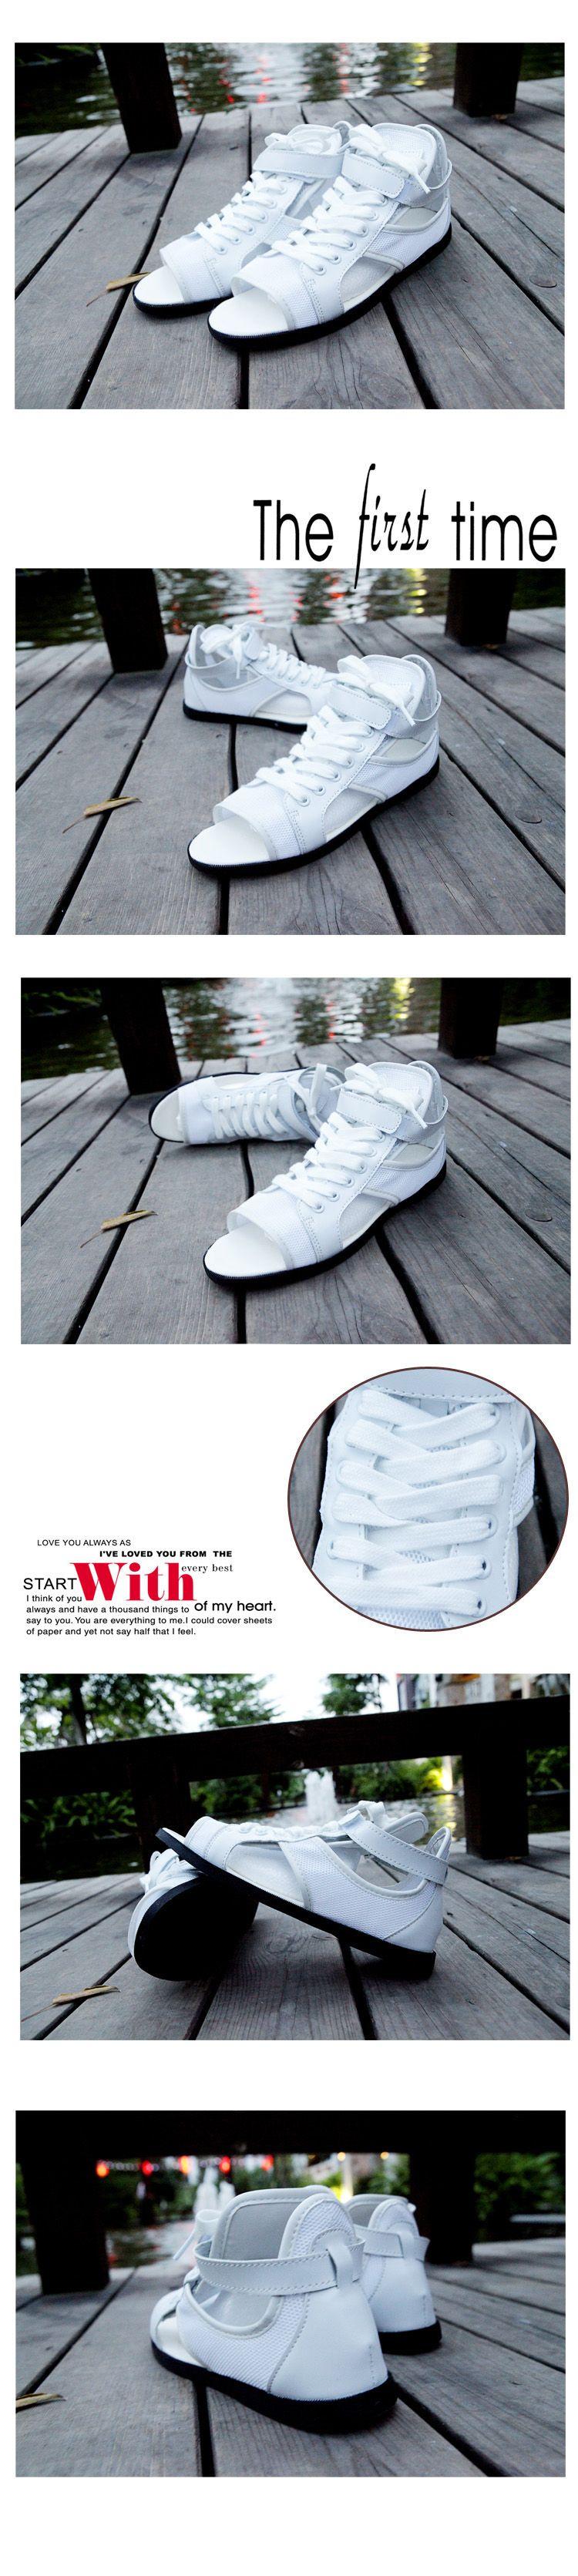 รองเท้าผู้ชาย   รองเท้าแฟชั่นชาย รองเท้าหุ้มข้อ กึ่งแตะ แฟชั่นเกาหลี